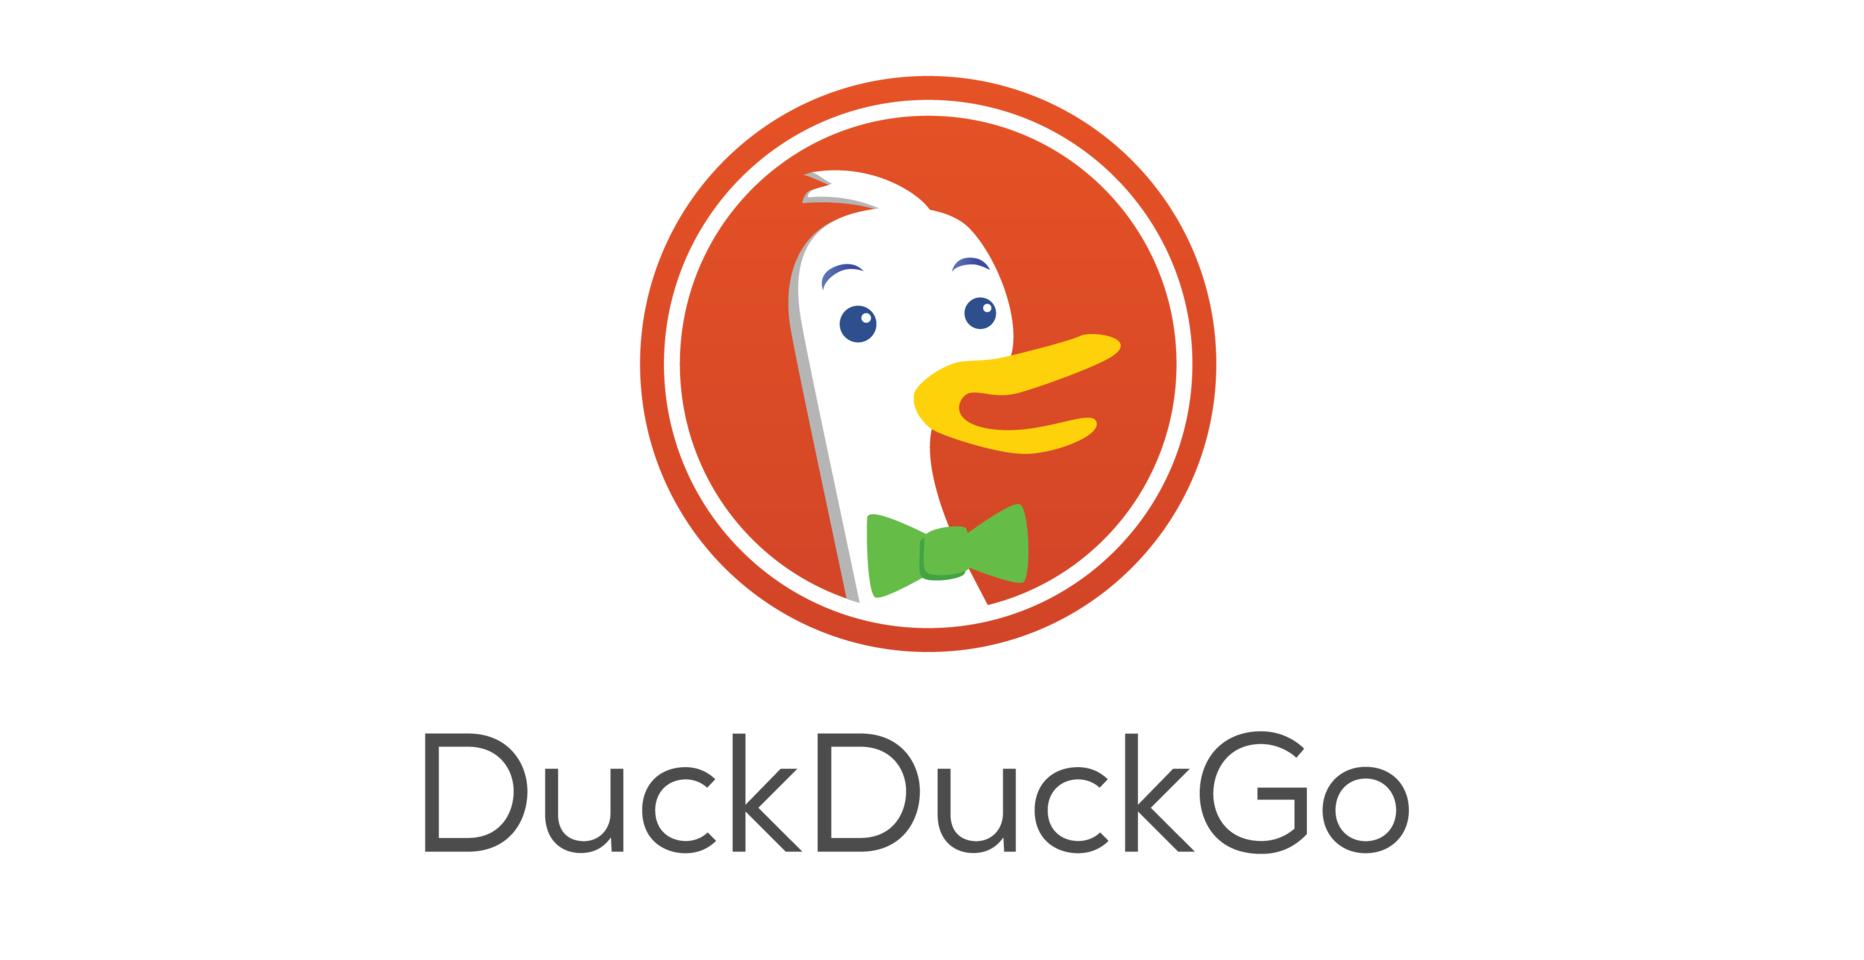 DuckDuckGo è diventato il secondo motore di ricerca più utilizzato in America